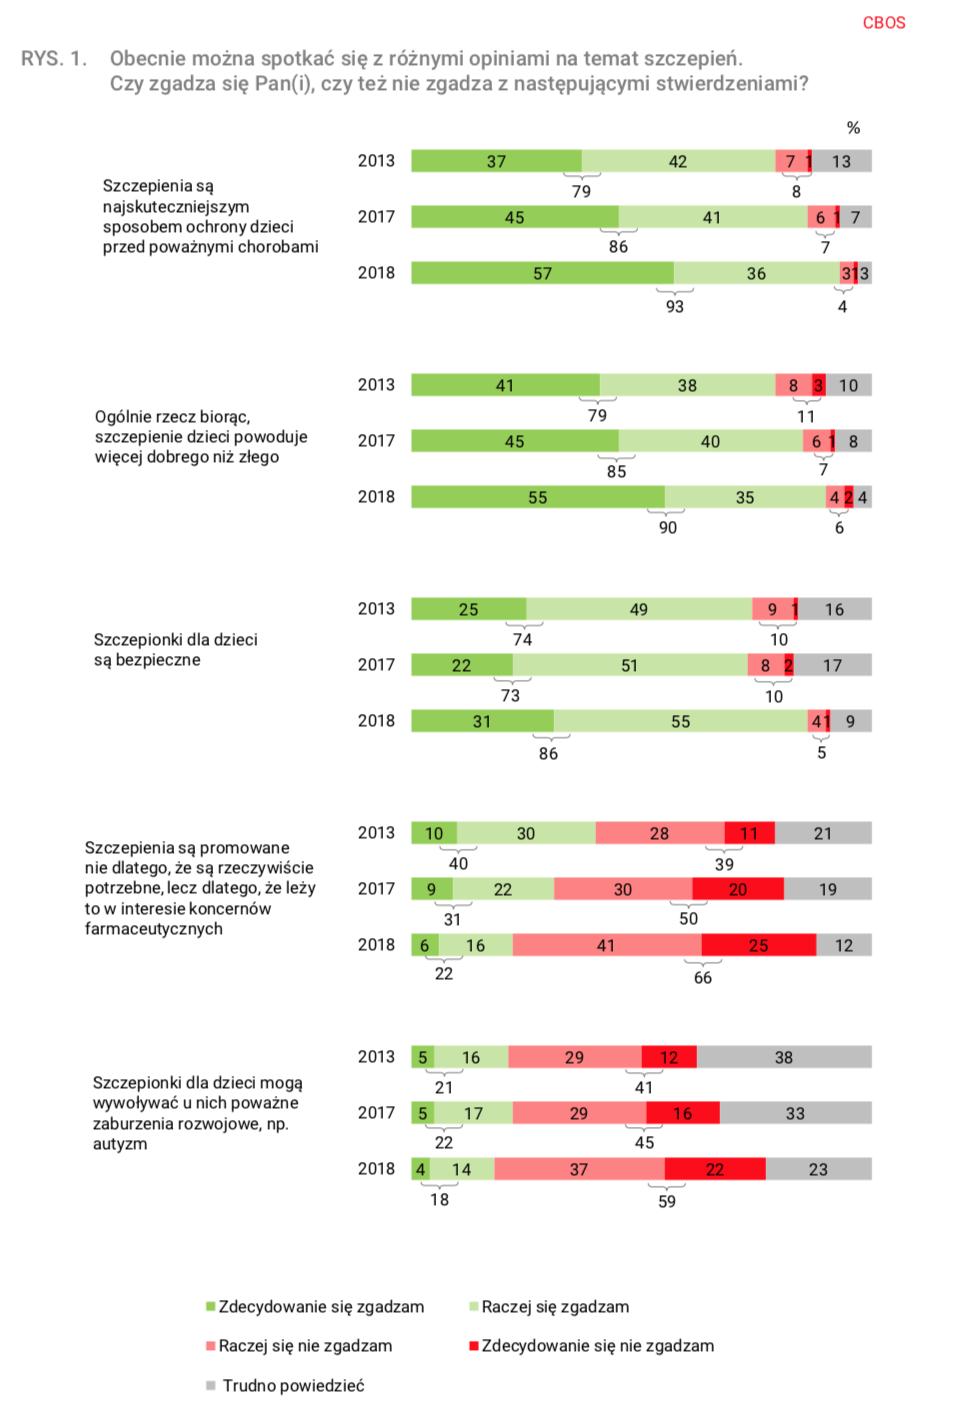 Wykres przedstawia szczegółowe wyniki badanie CBOS